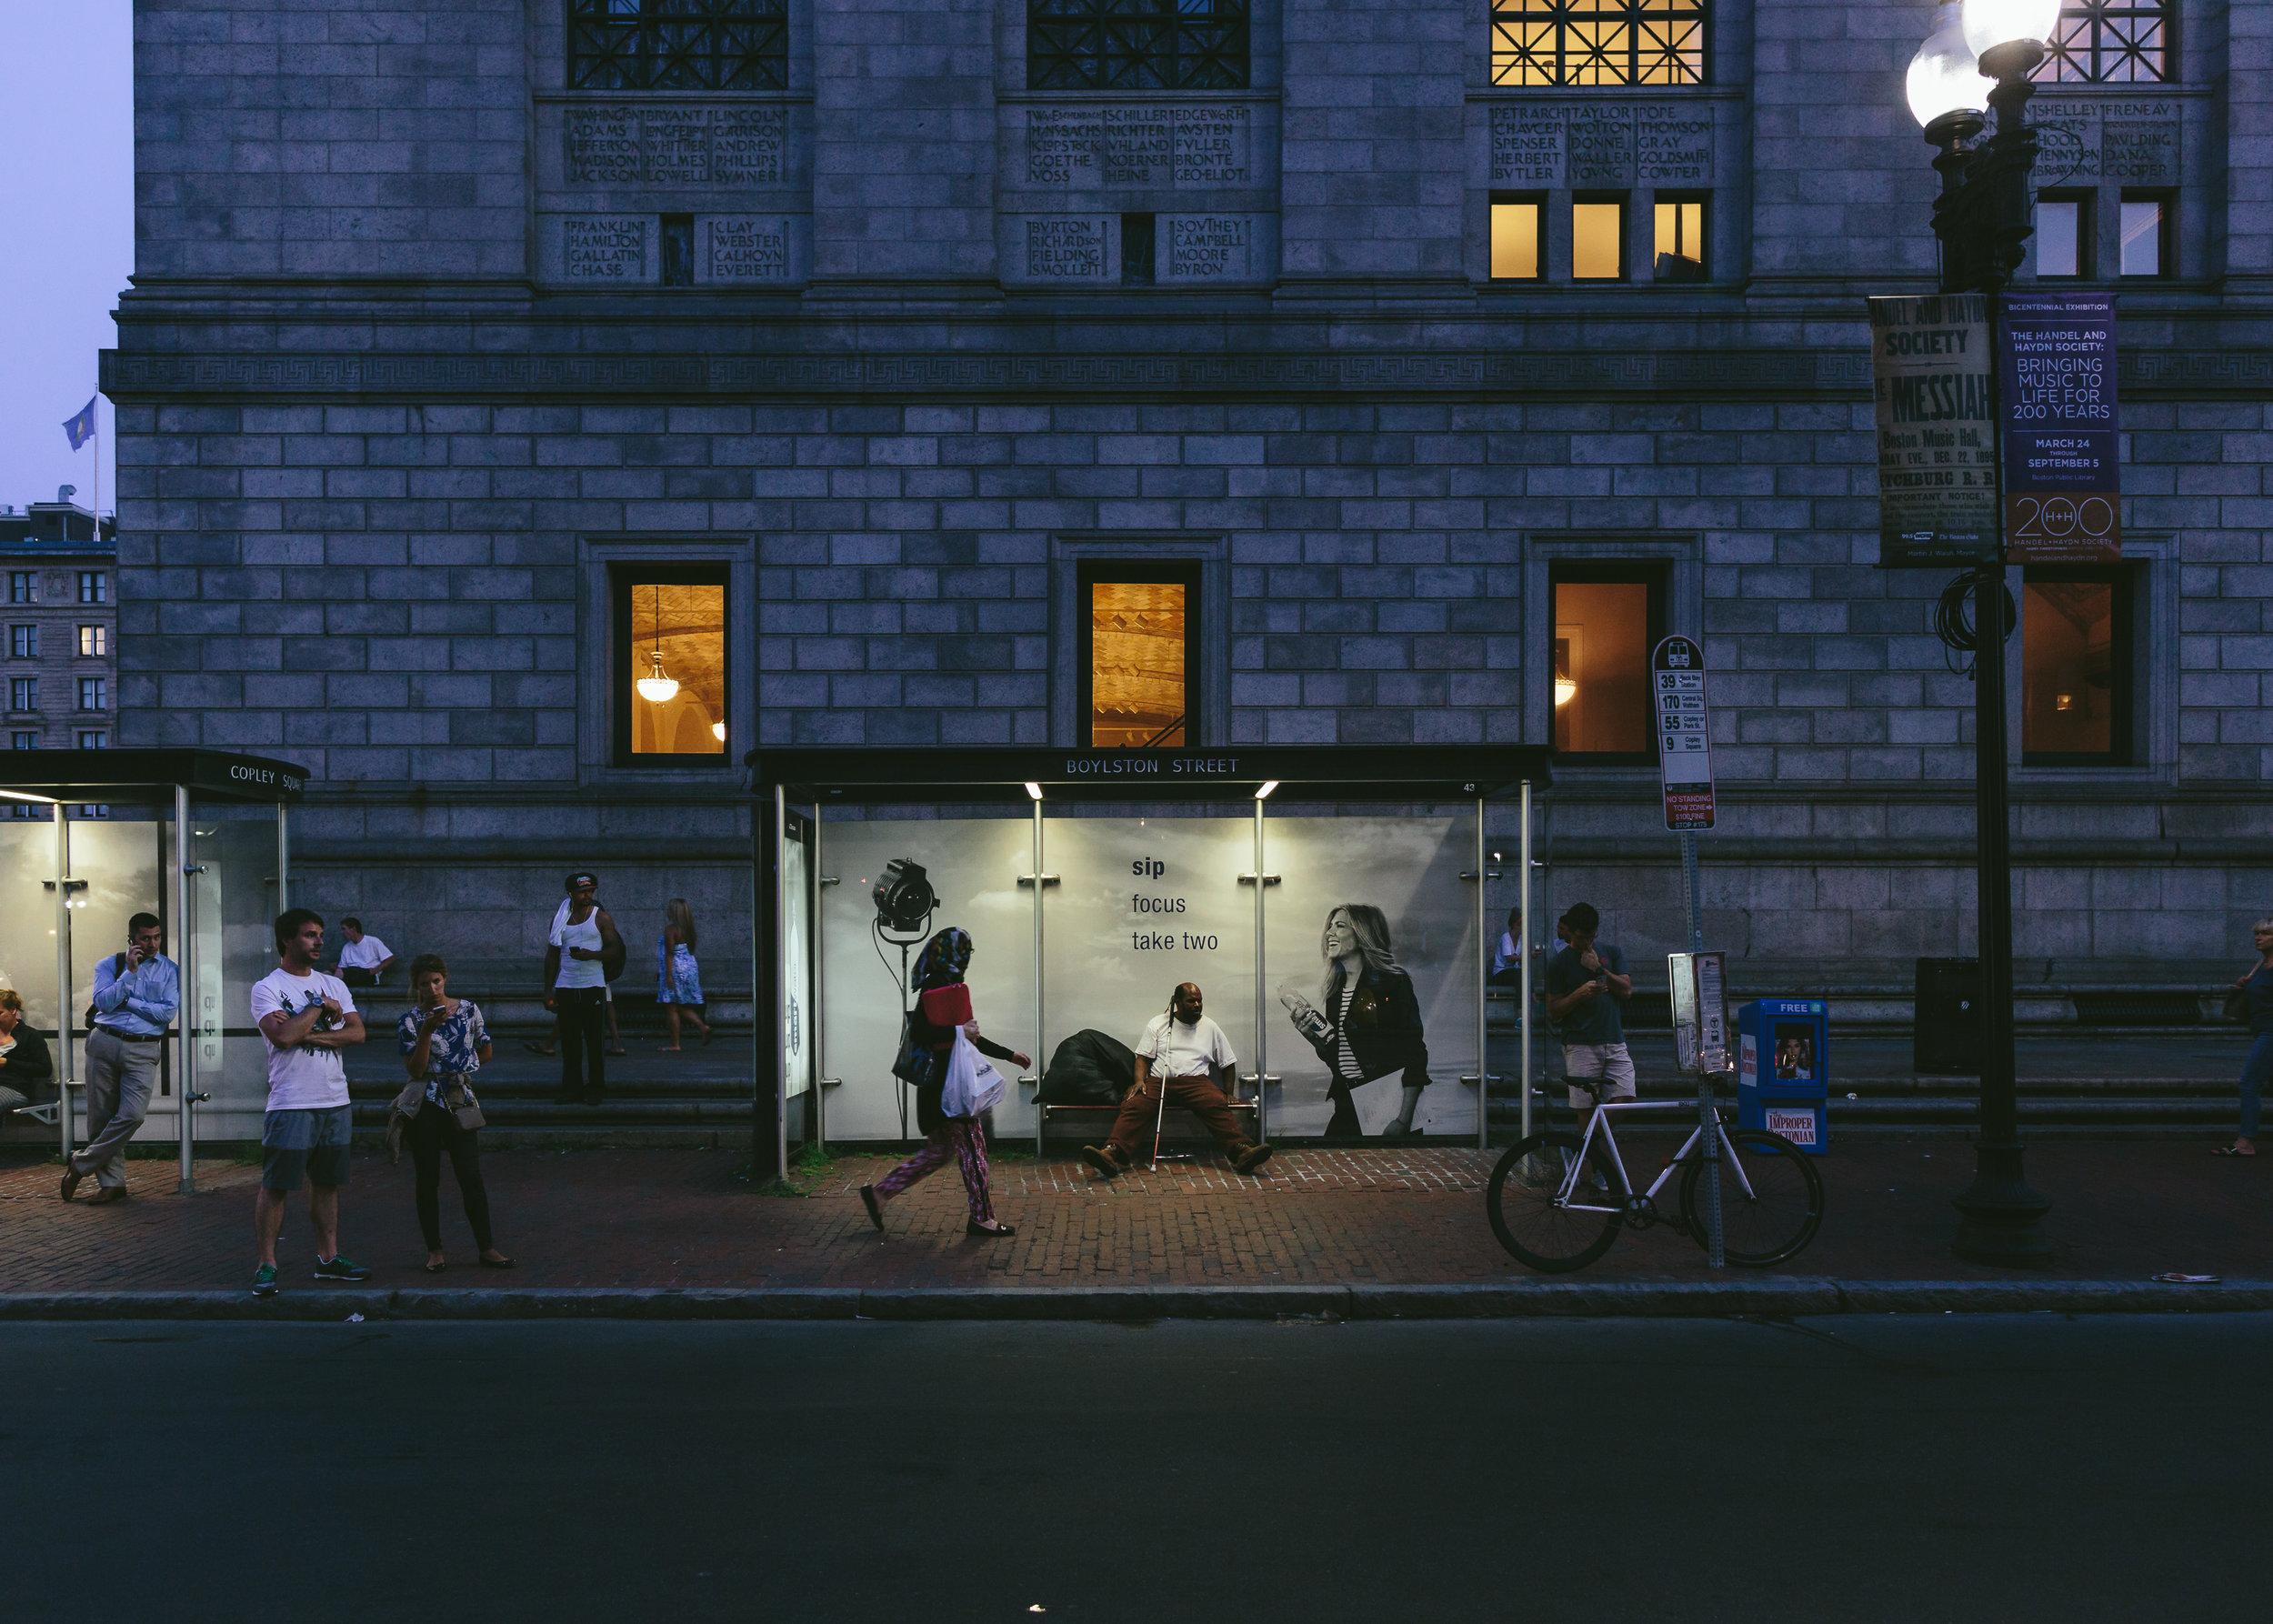 Web street-76.jpg